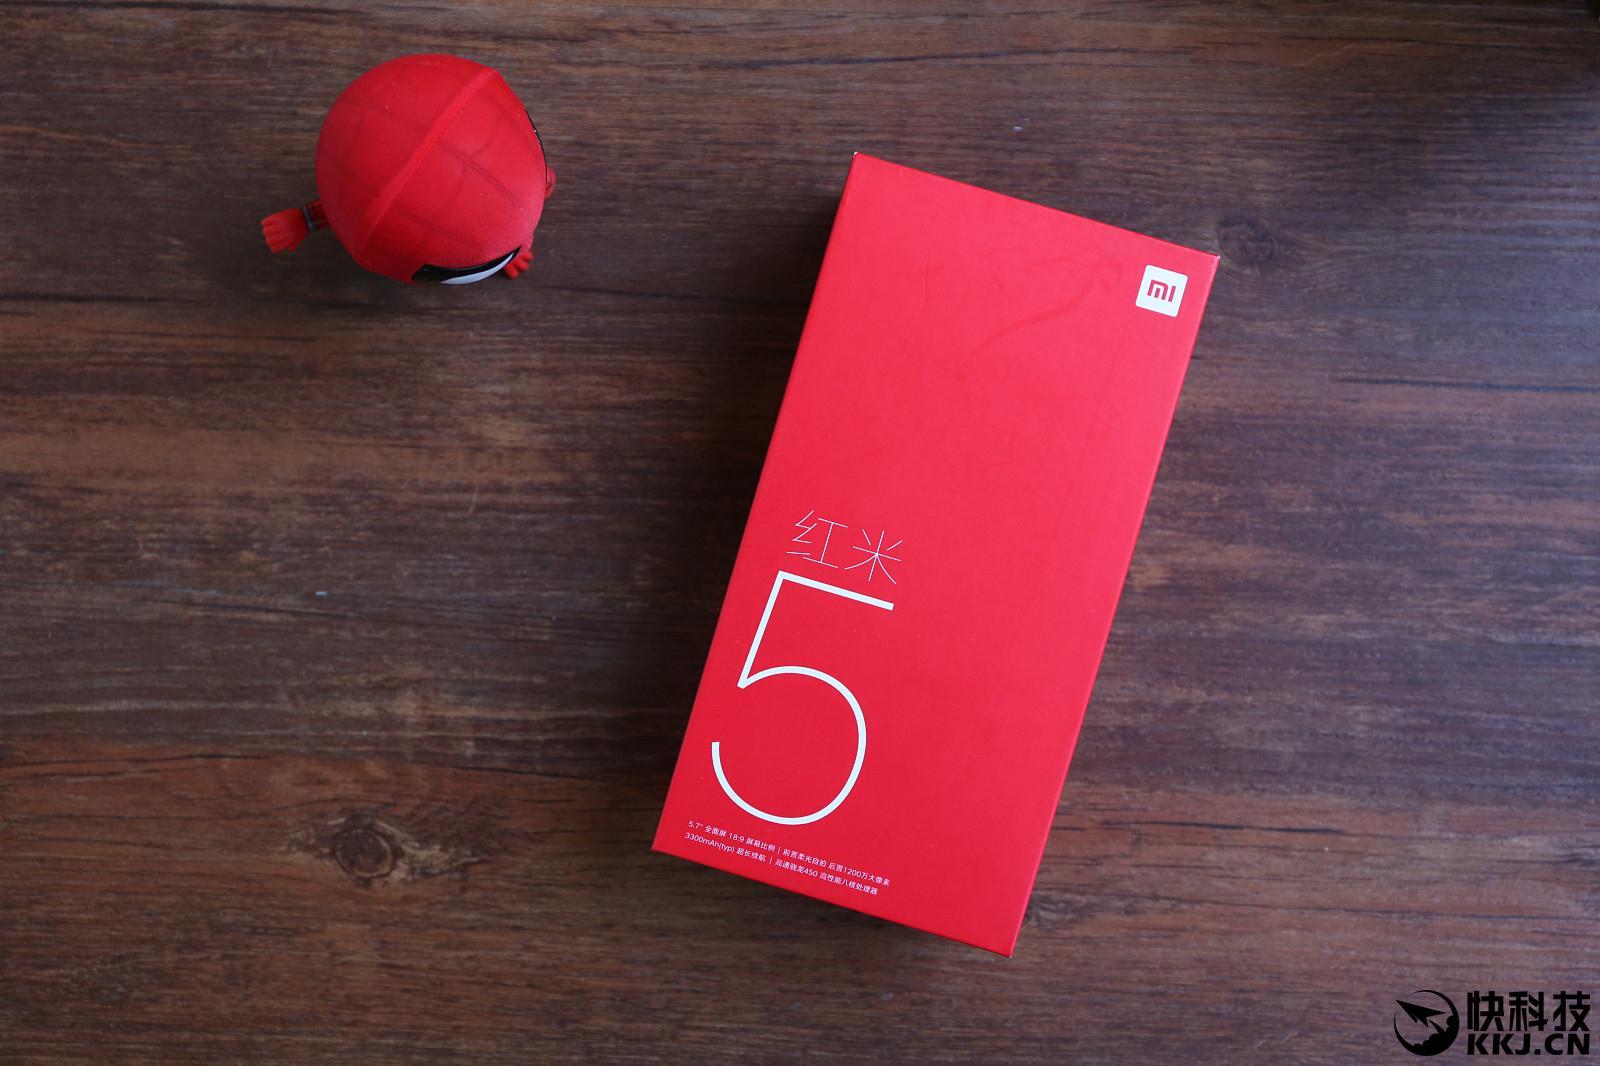 红米5的质量到底怎么样 售价799元真的值